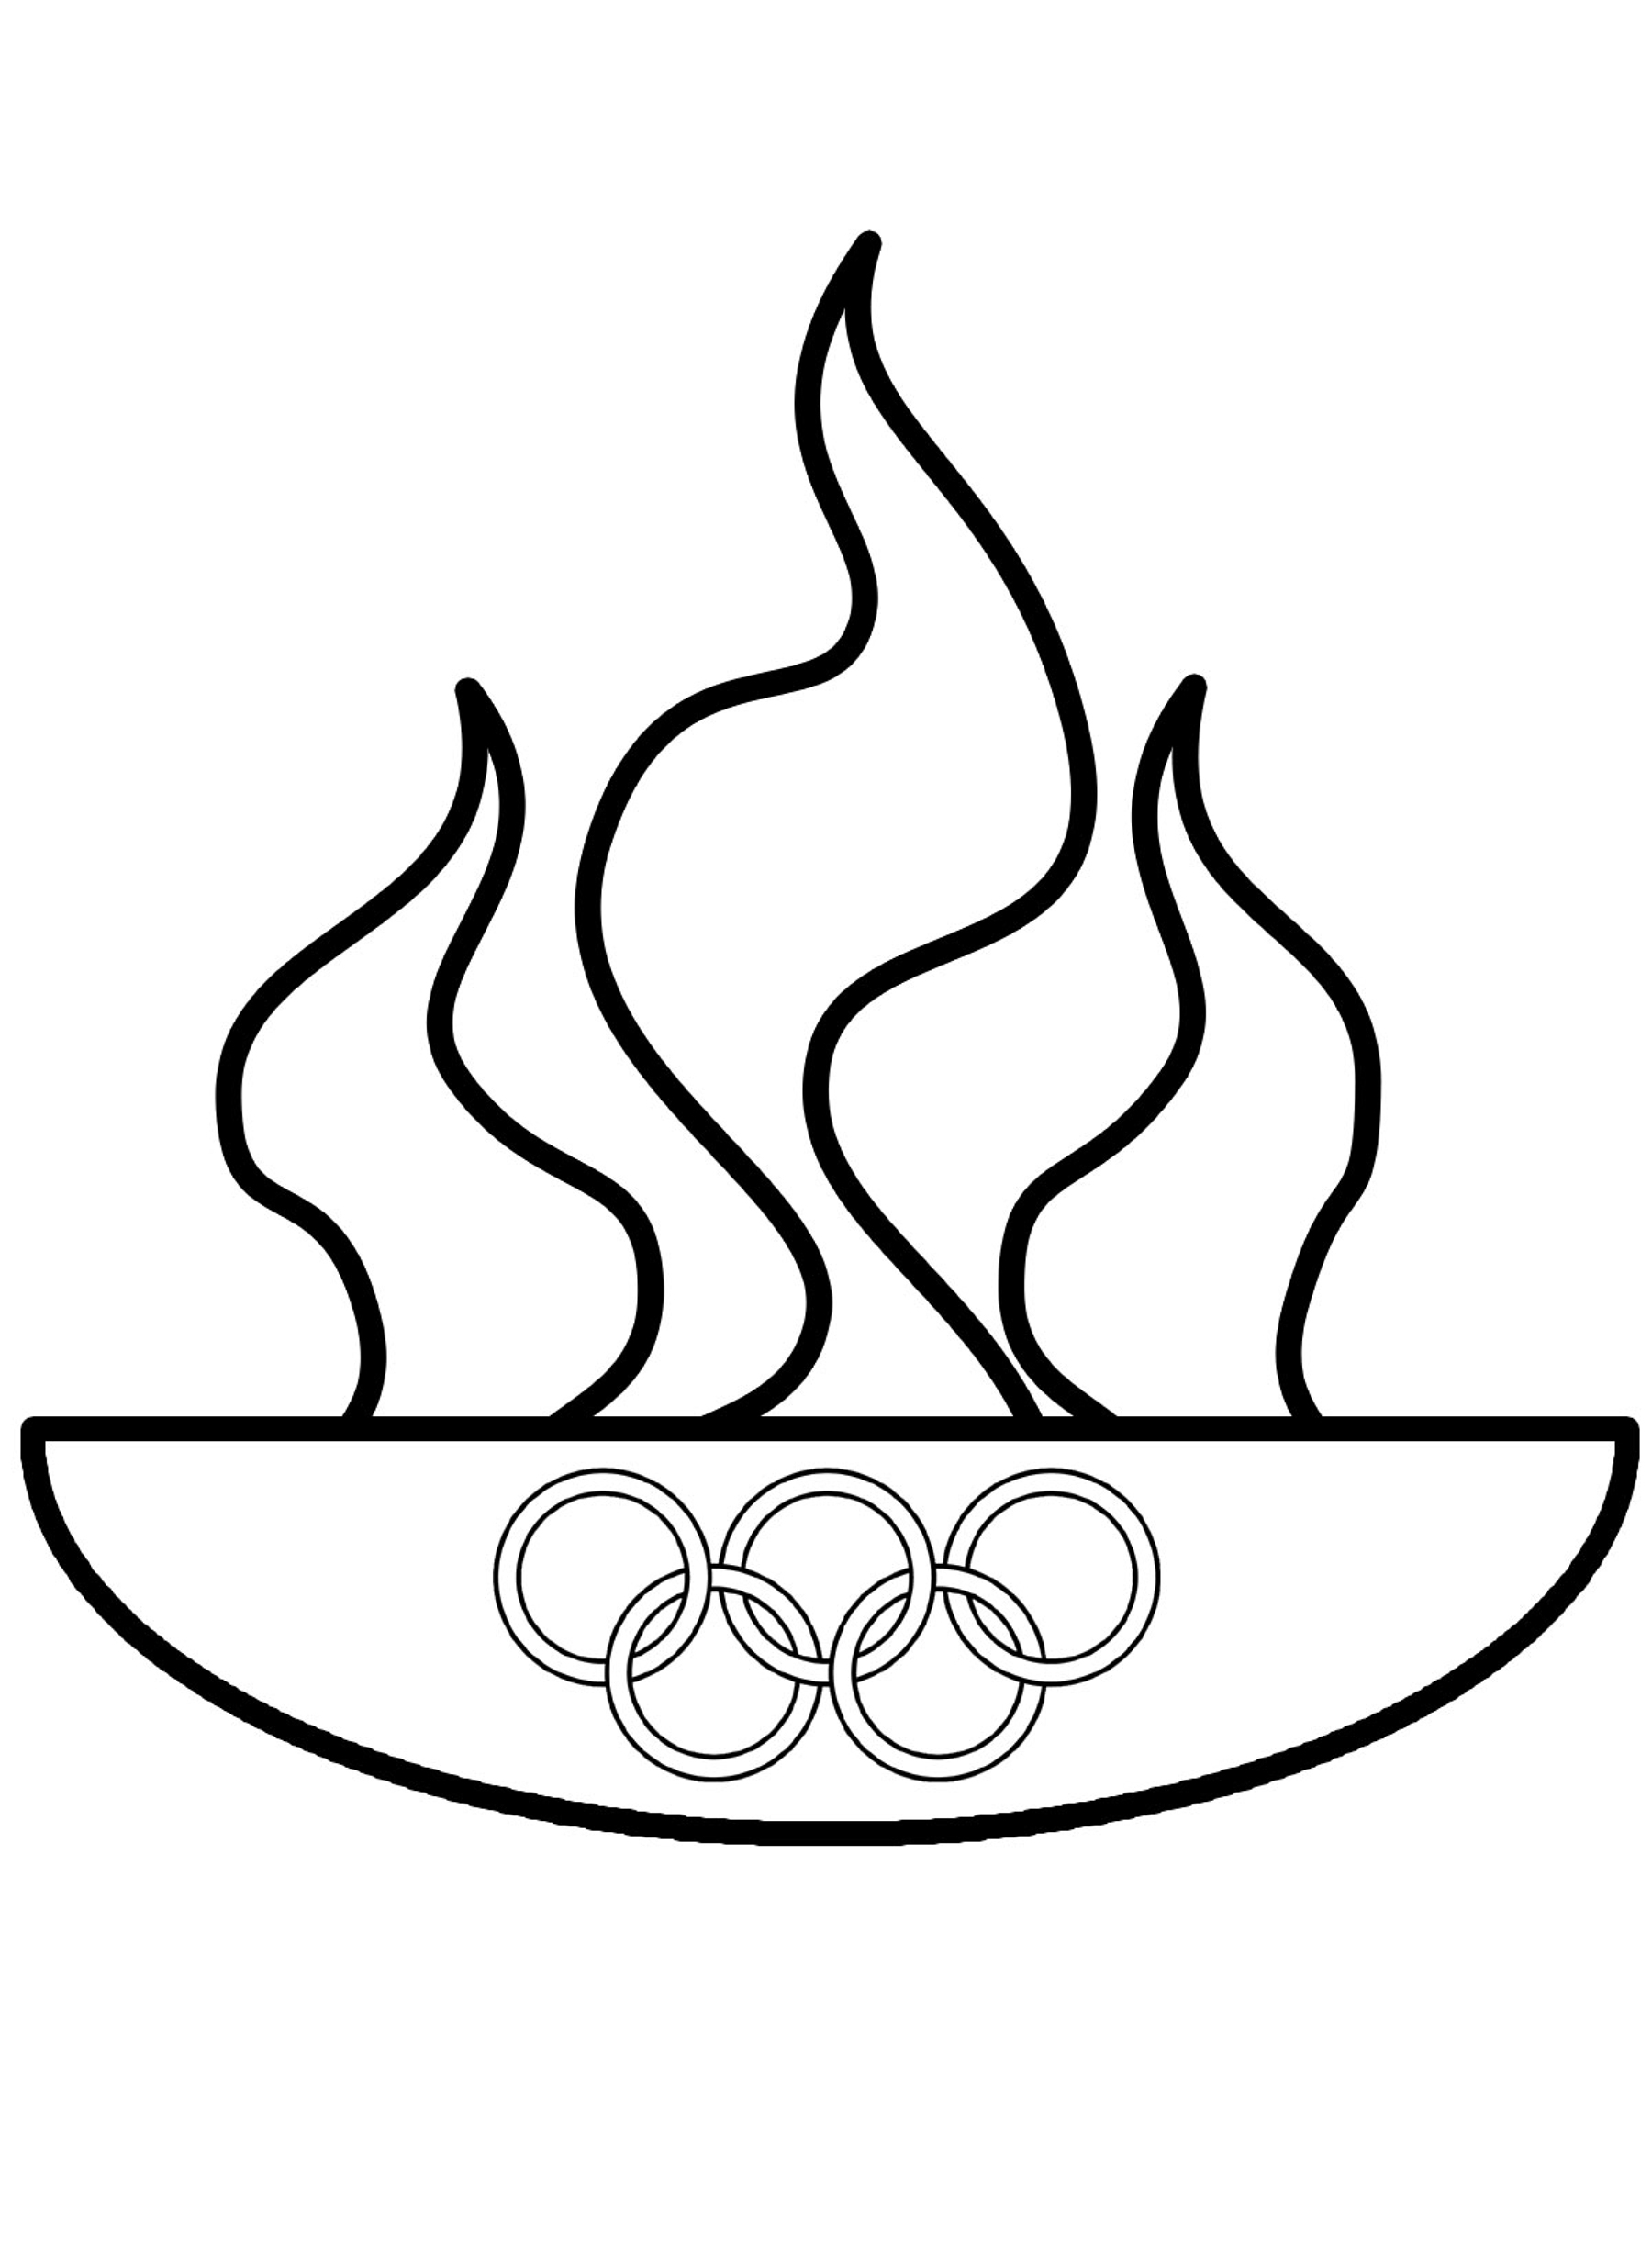 Раскраска олимпийский огонь распечатать или скачать бесплатно